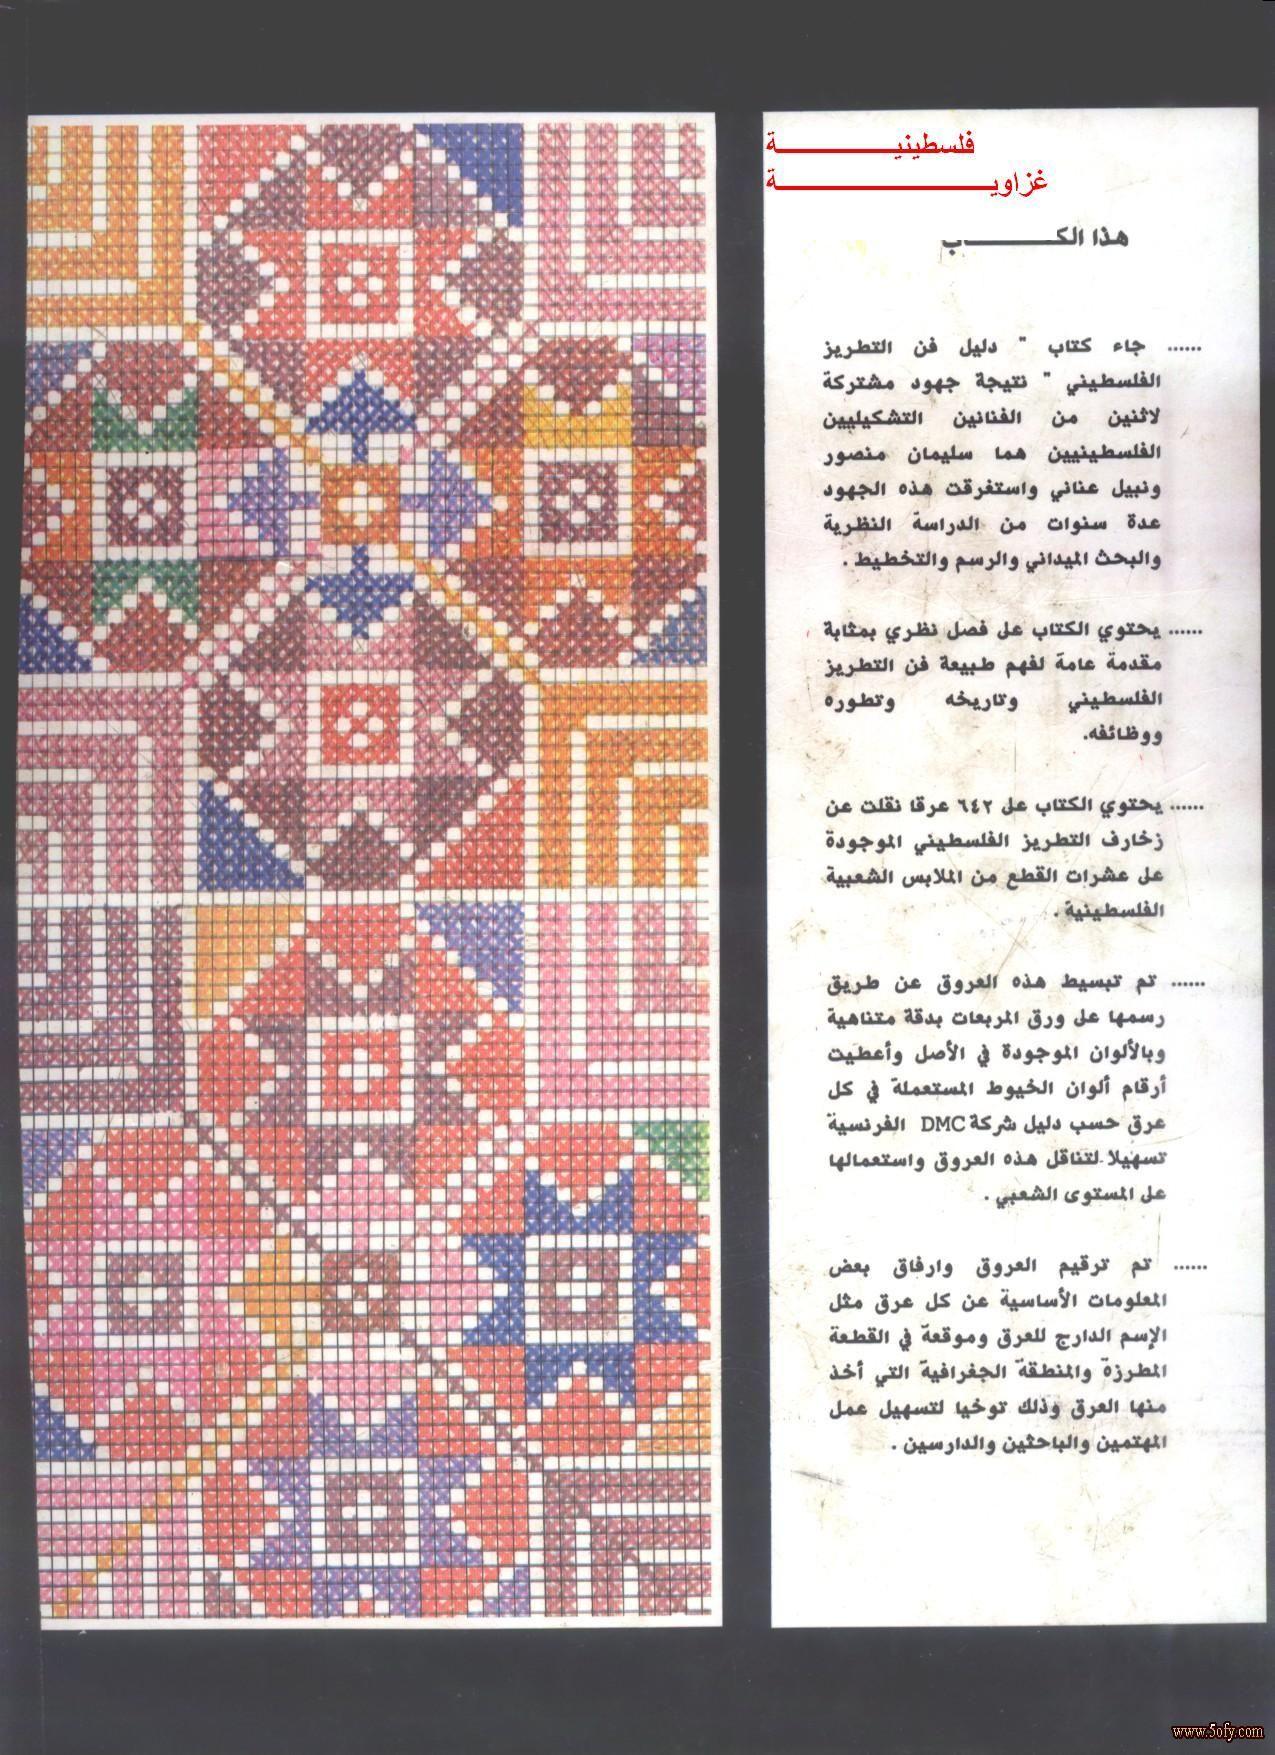 Palestinian Cross Stitch Embroidery Pattern Lovely Cross Stitch Geometric Embroidery Book Cross Stitch